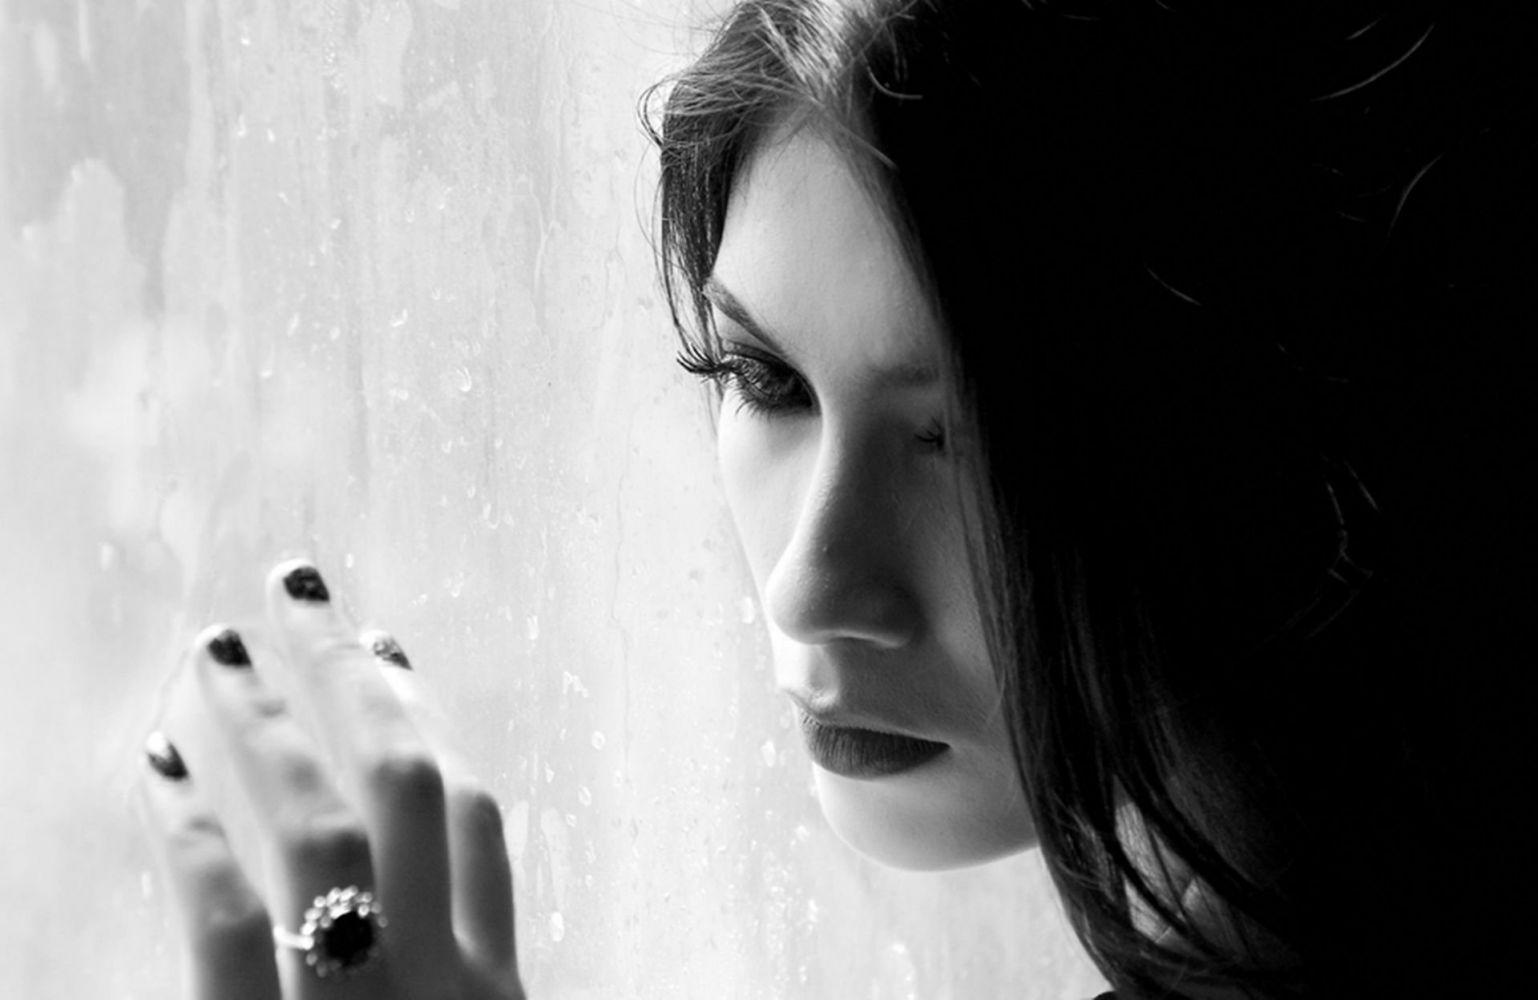 Картинки одинокой женщины на телефон